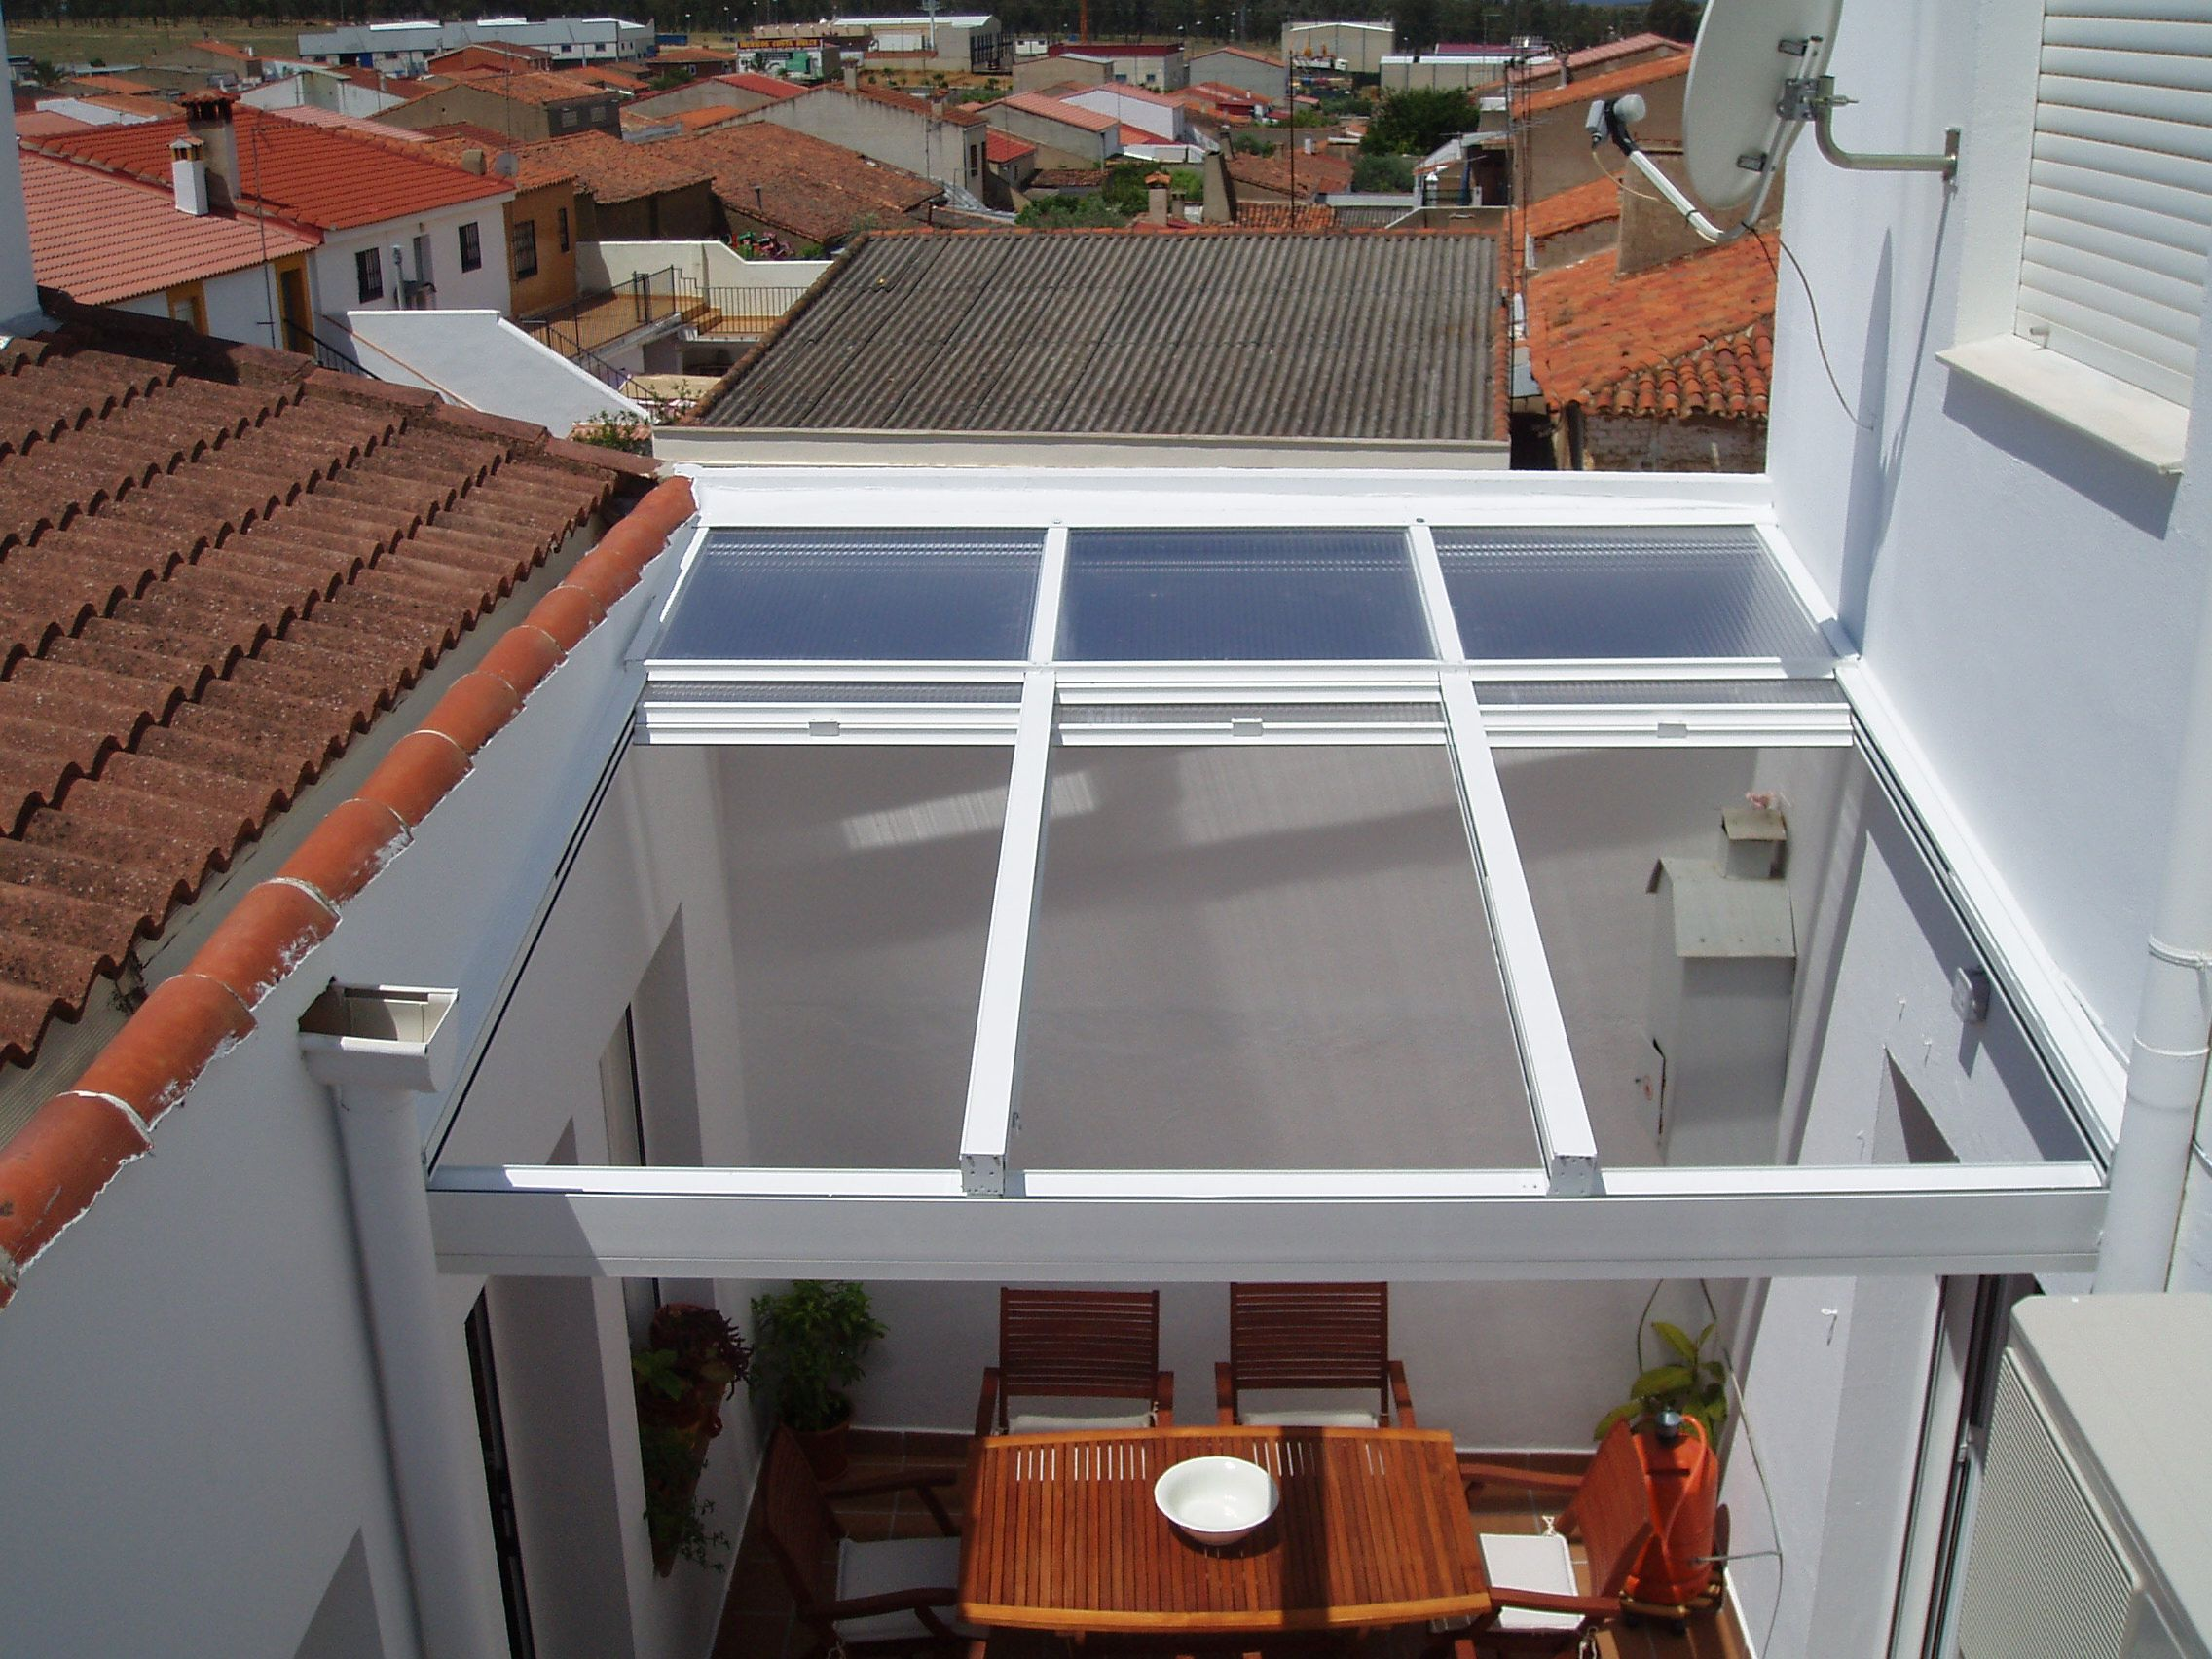 Fabricante techos moviles cerramientos para terrazas techos deslizantes y corredizos madrid - Techos moviles para terrazas ...